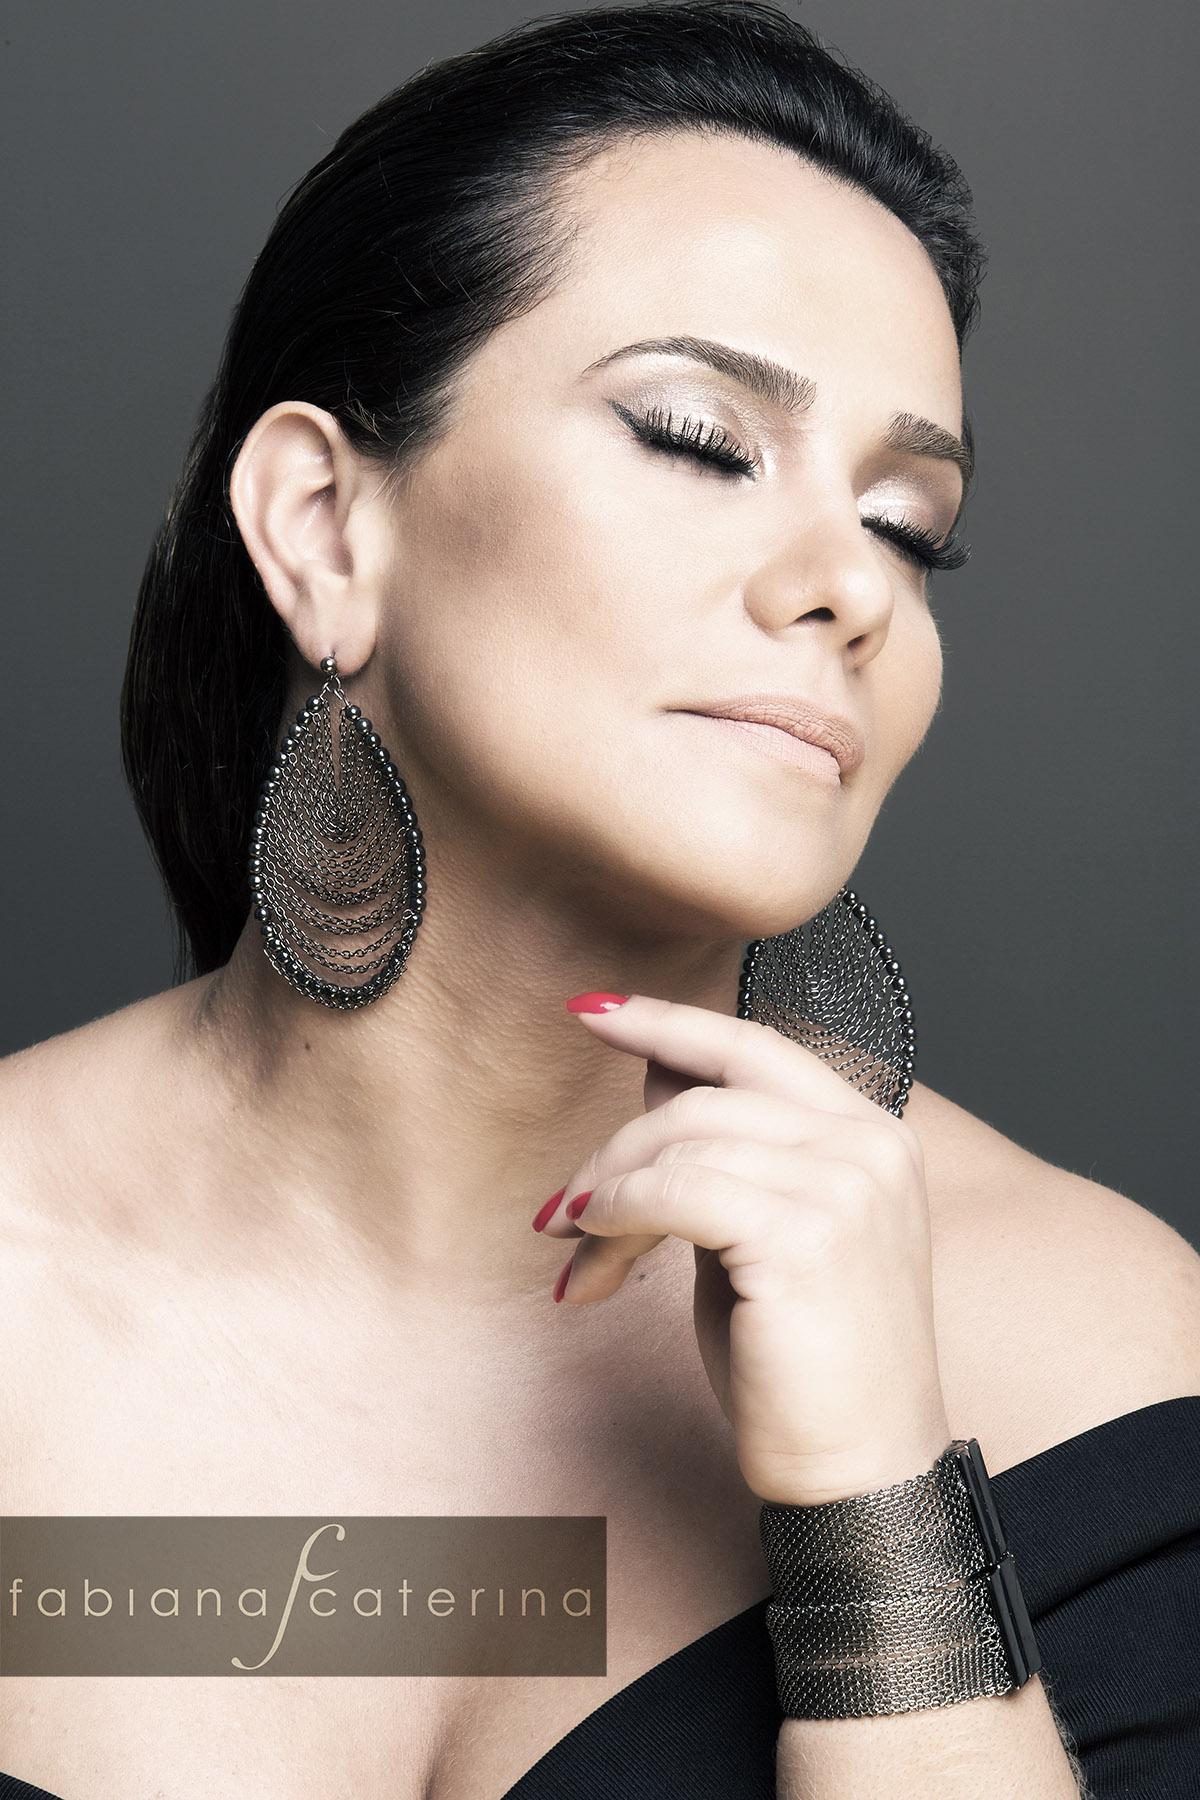 Fabiana Caterina